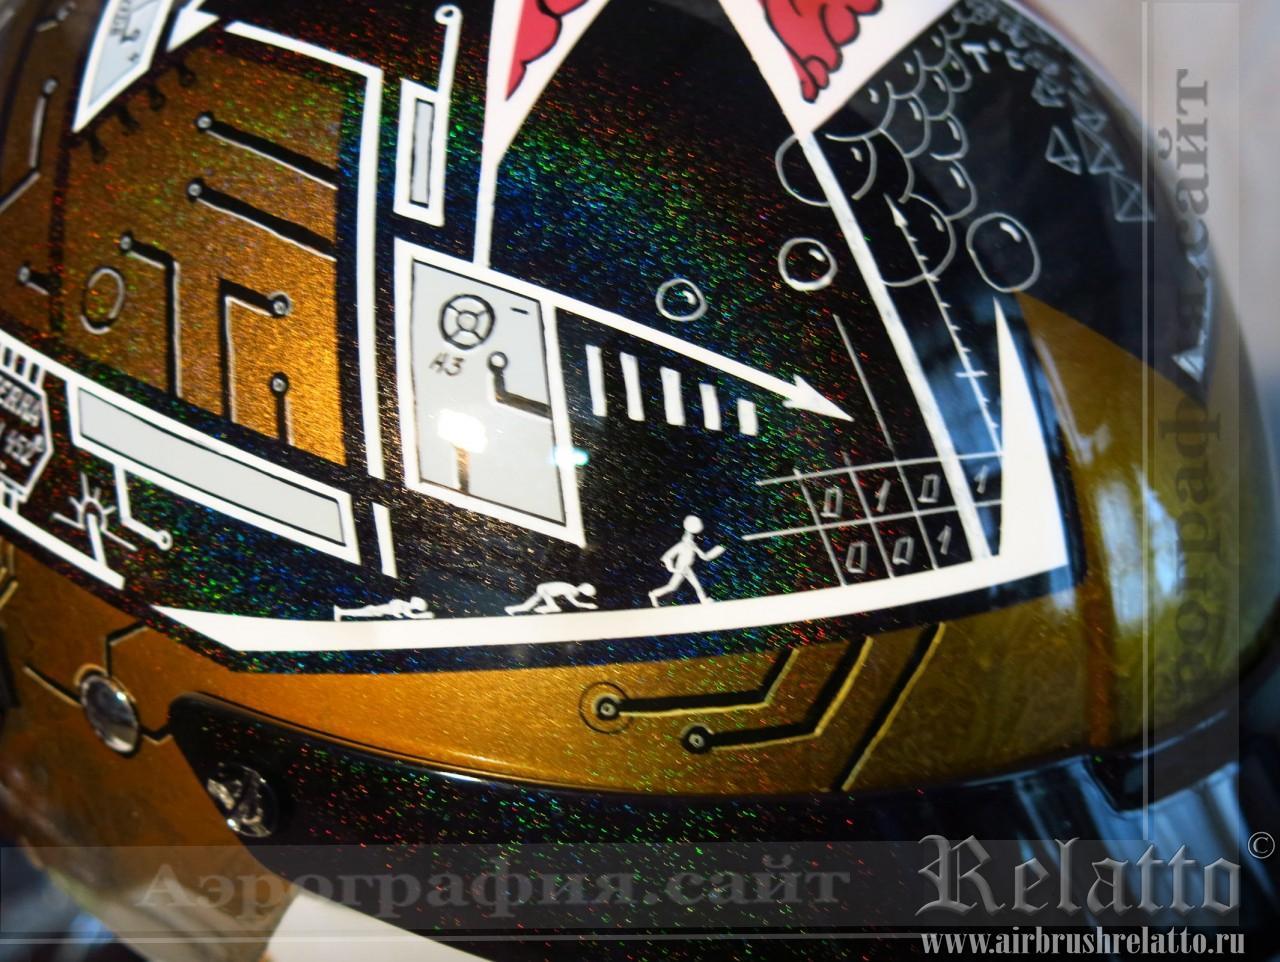 аэрография на шлеме Harley Davidson  Белгород